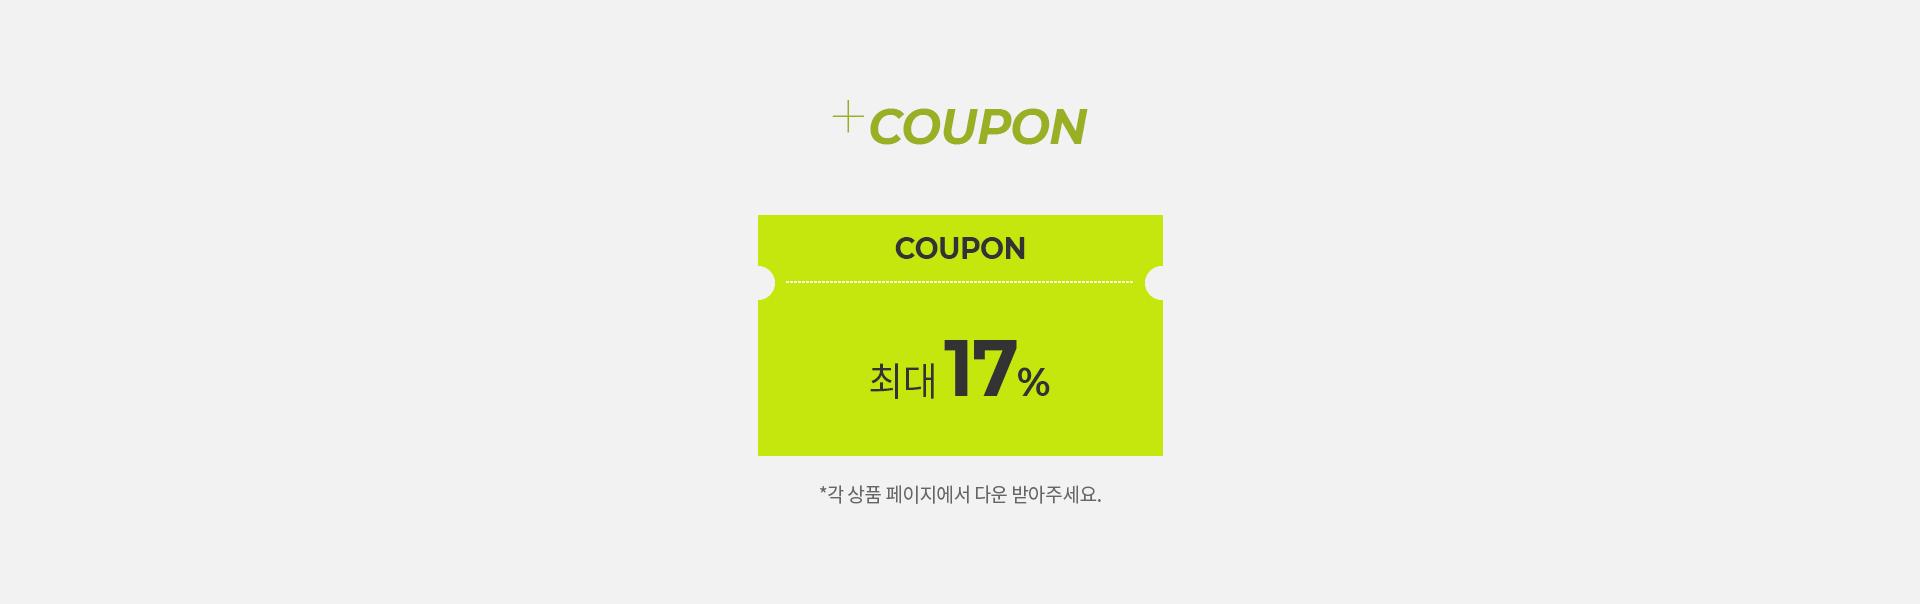 쿠폰 최대 17% - 각 상품 페이지에서 다운 받아주세요.